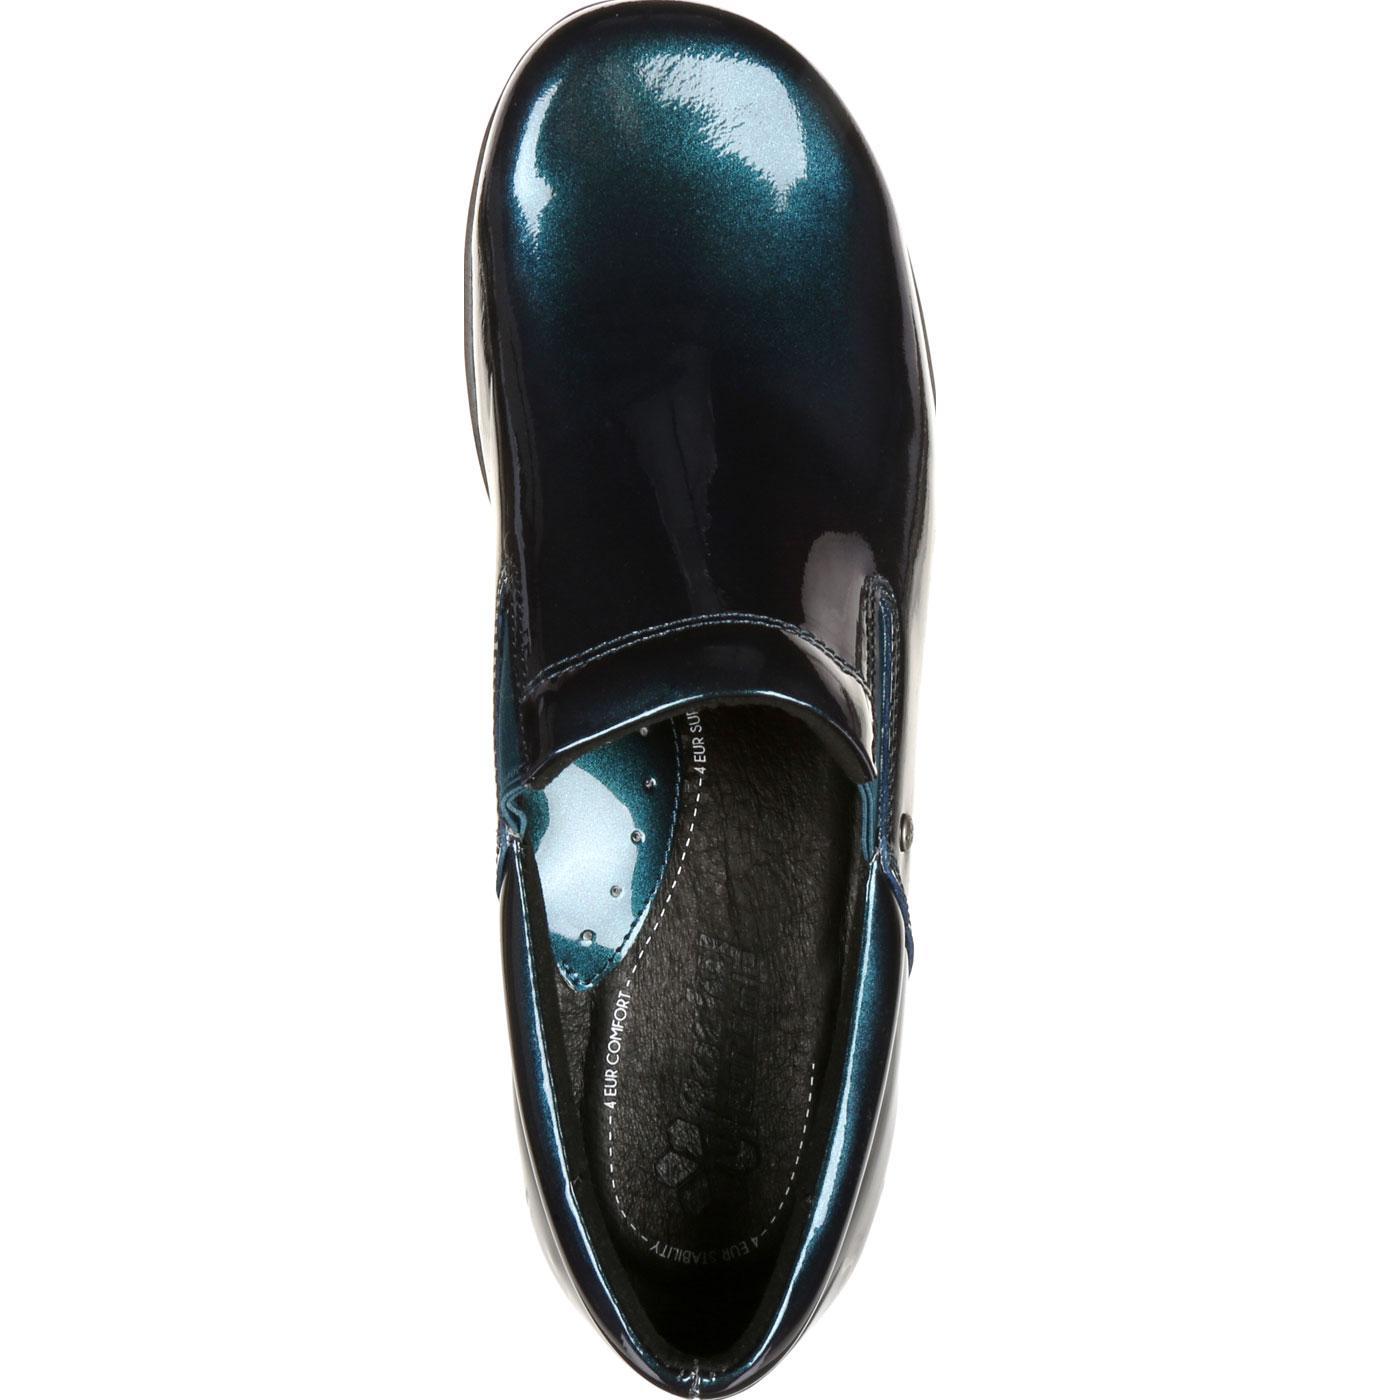 4eursole 4eursole 4eursole toujours les femmes et confort # 39; s bleu métallique harbor cuirs glisse sur la chaussure 583992